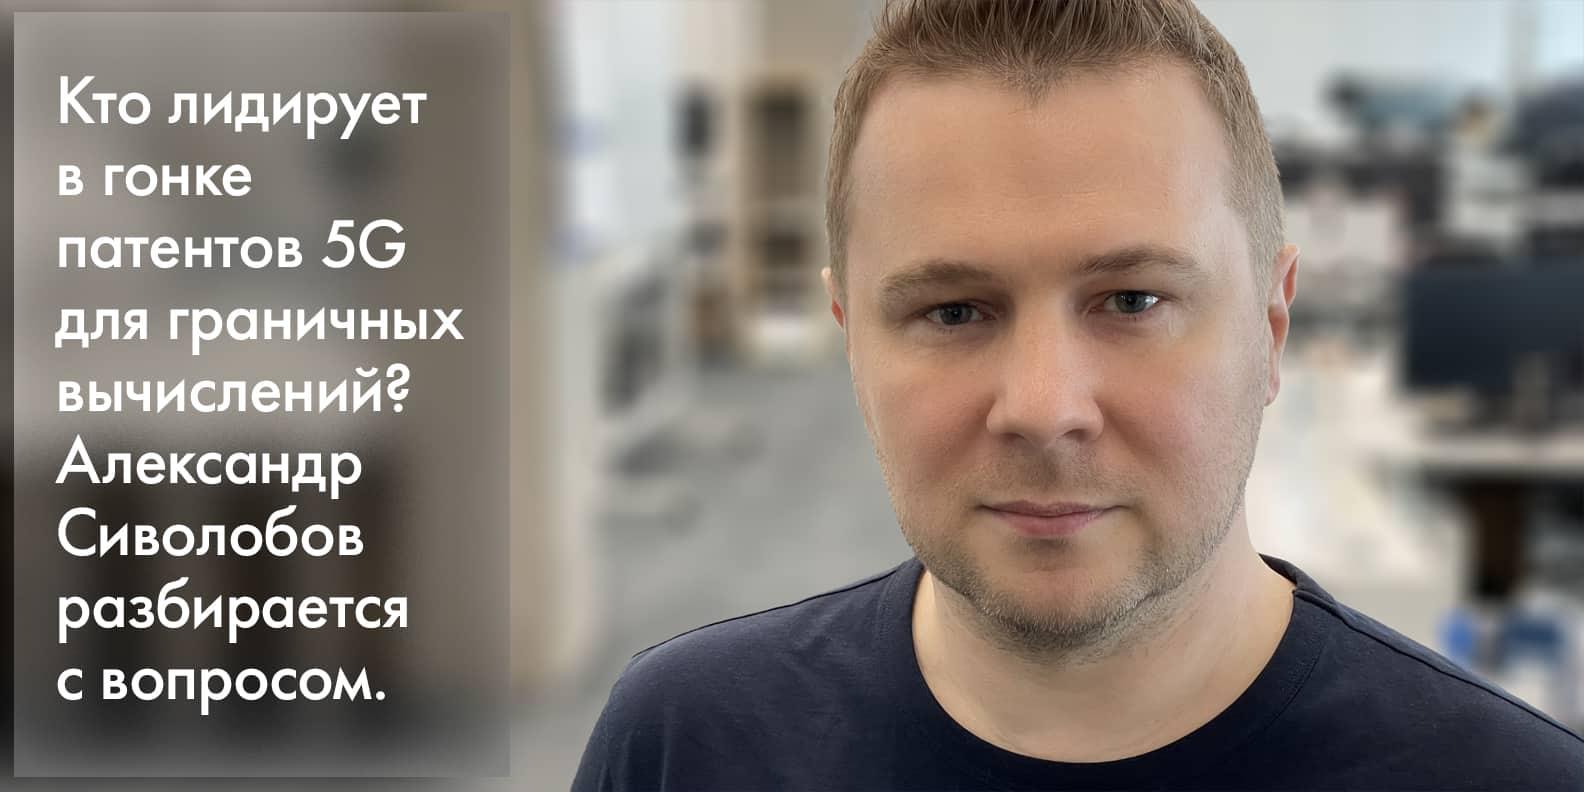 Александр Сиволобов про патентное окружение пограничных вычисления с 5G